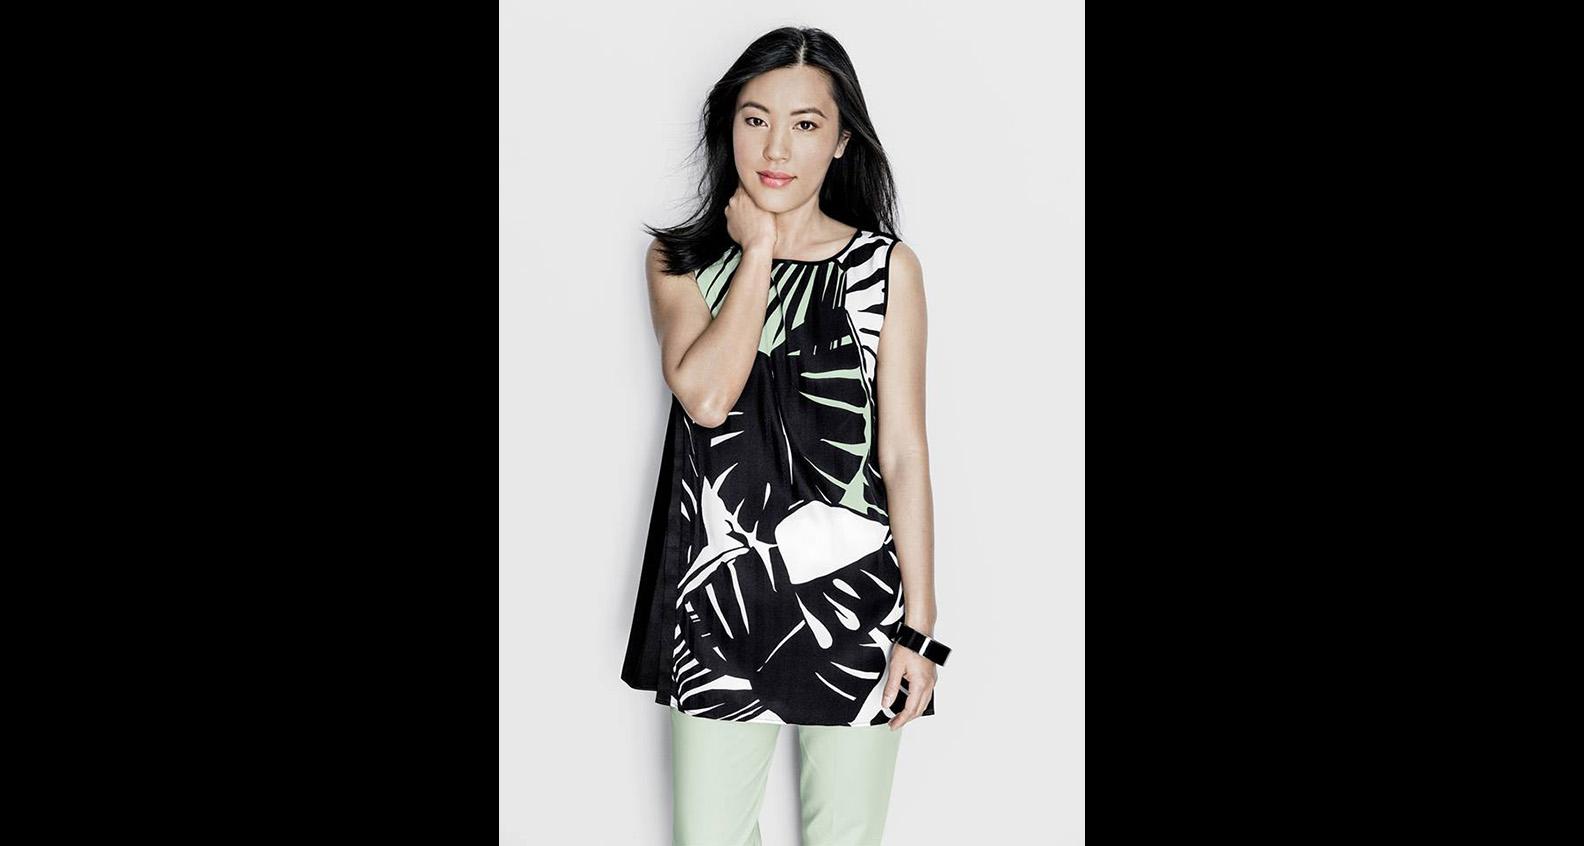 Jen Yee